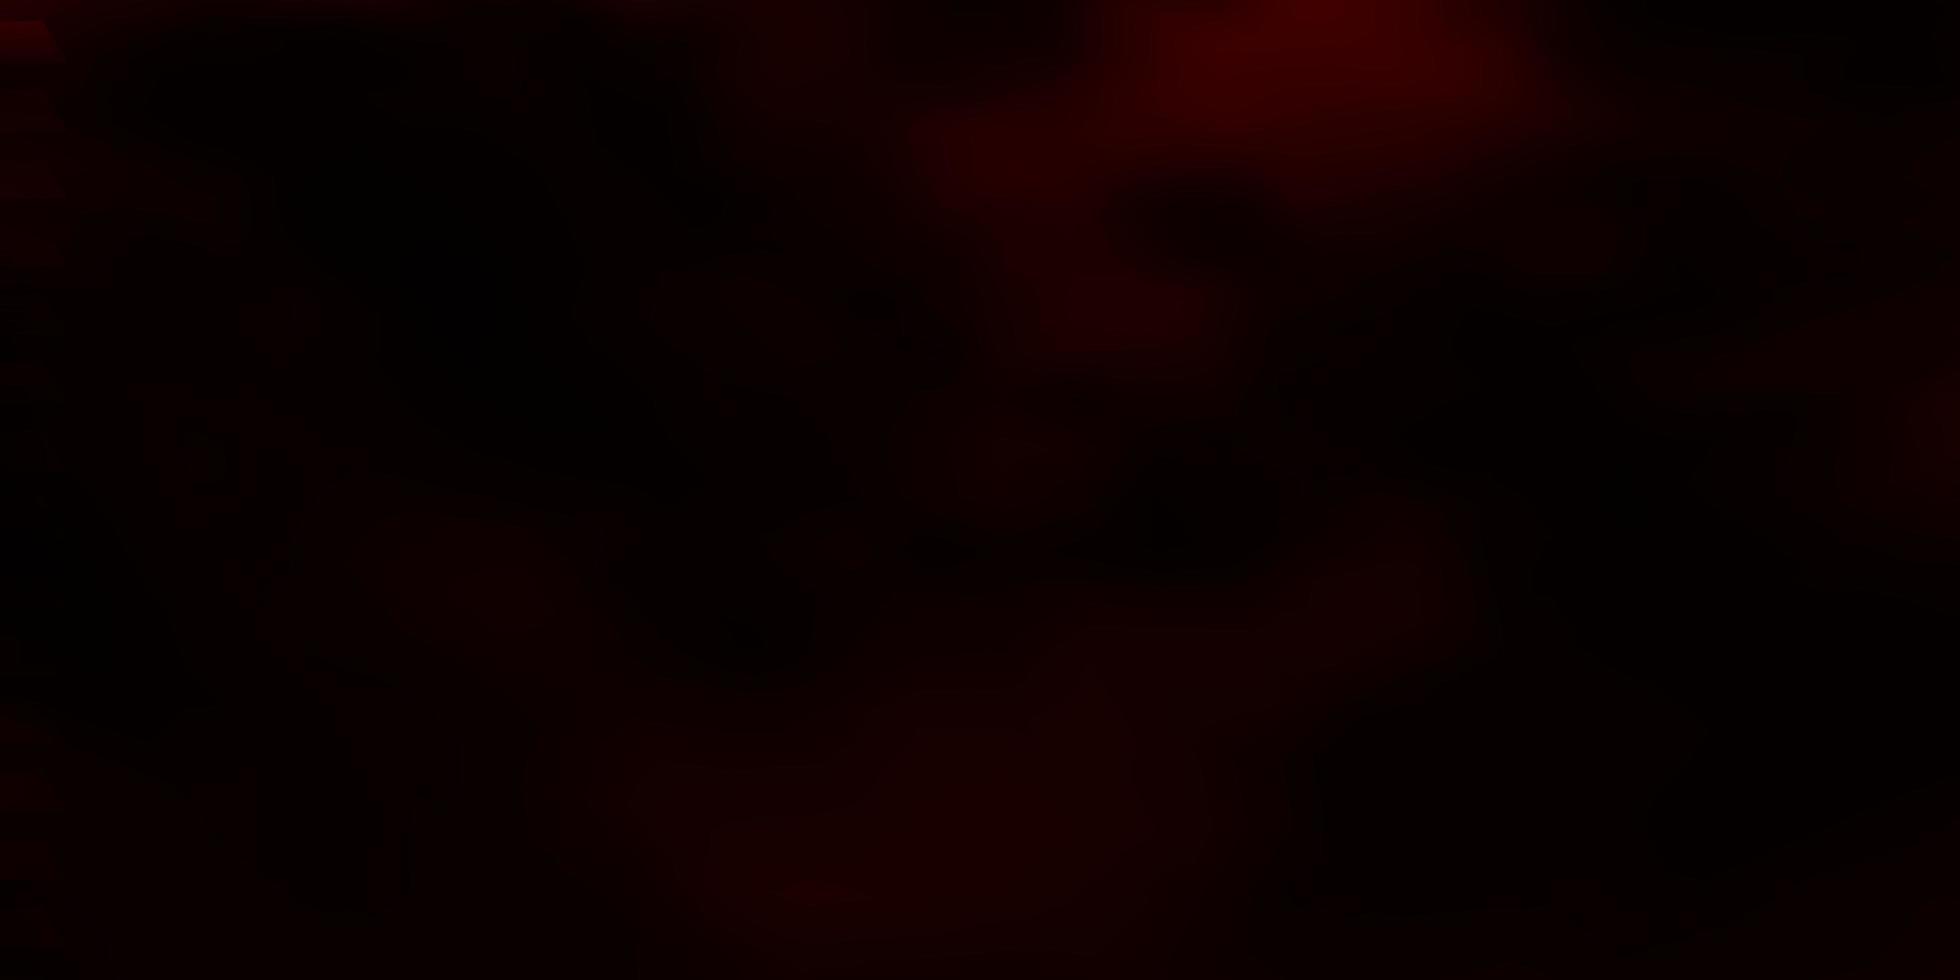 texture vecteur rouge foncé dans un style rectangulaire.